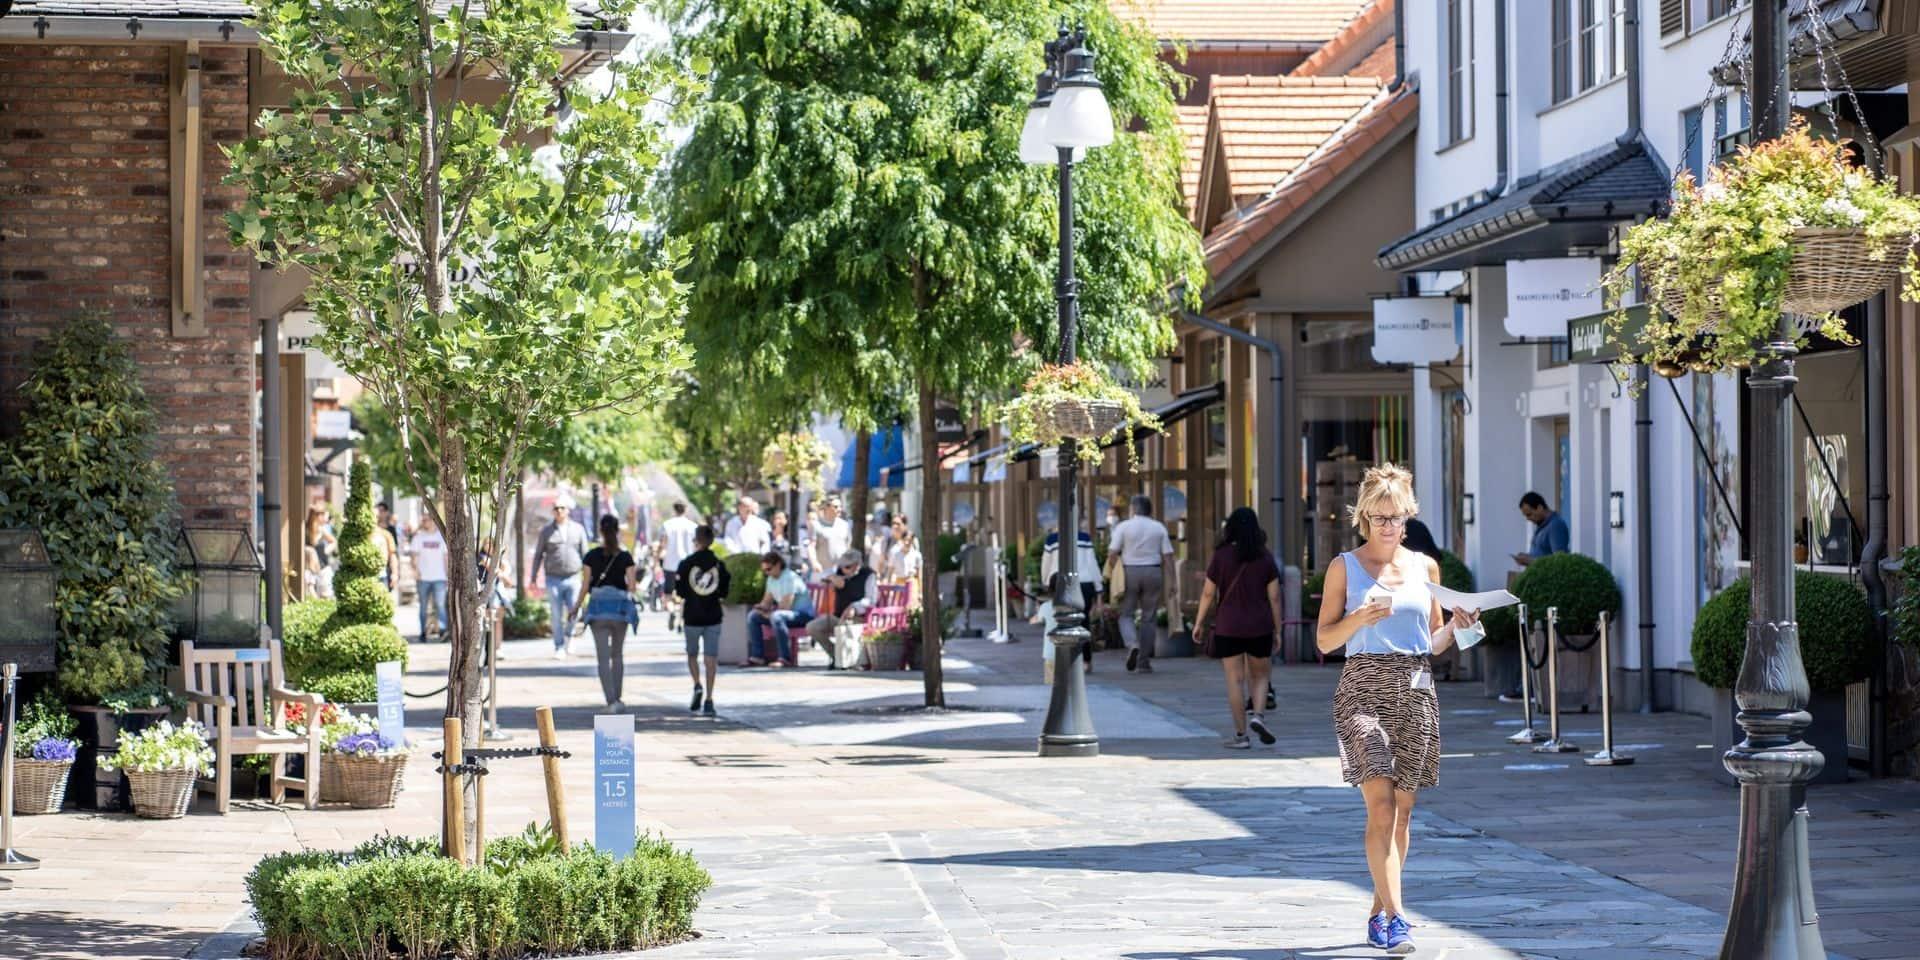 A Maasmechelen, il n'y a pas que le village : entre hiking, shopping et culture